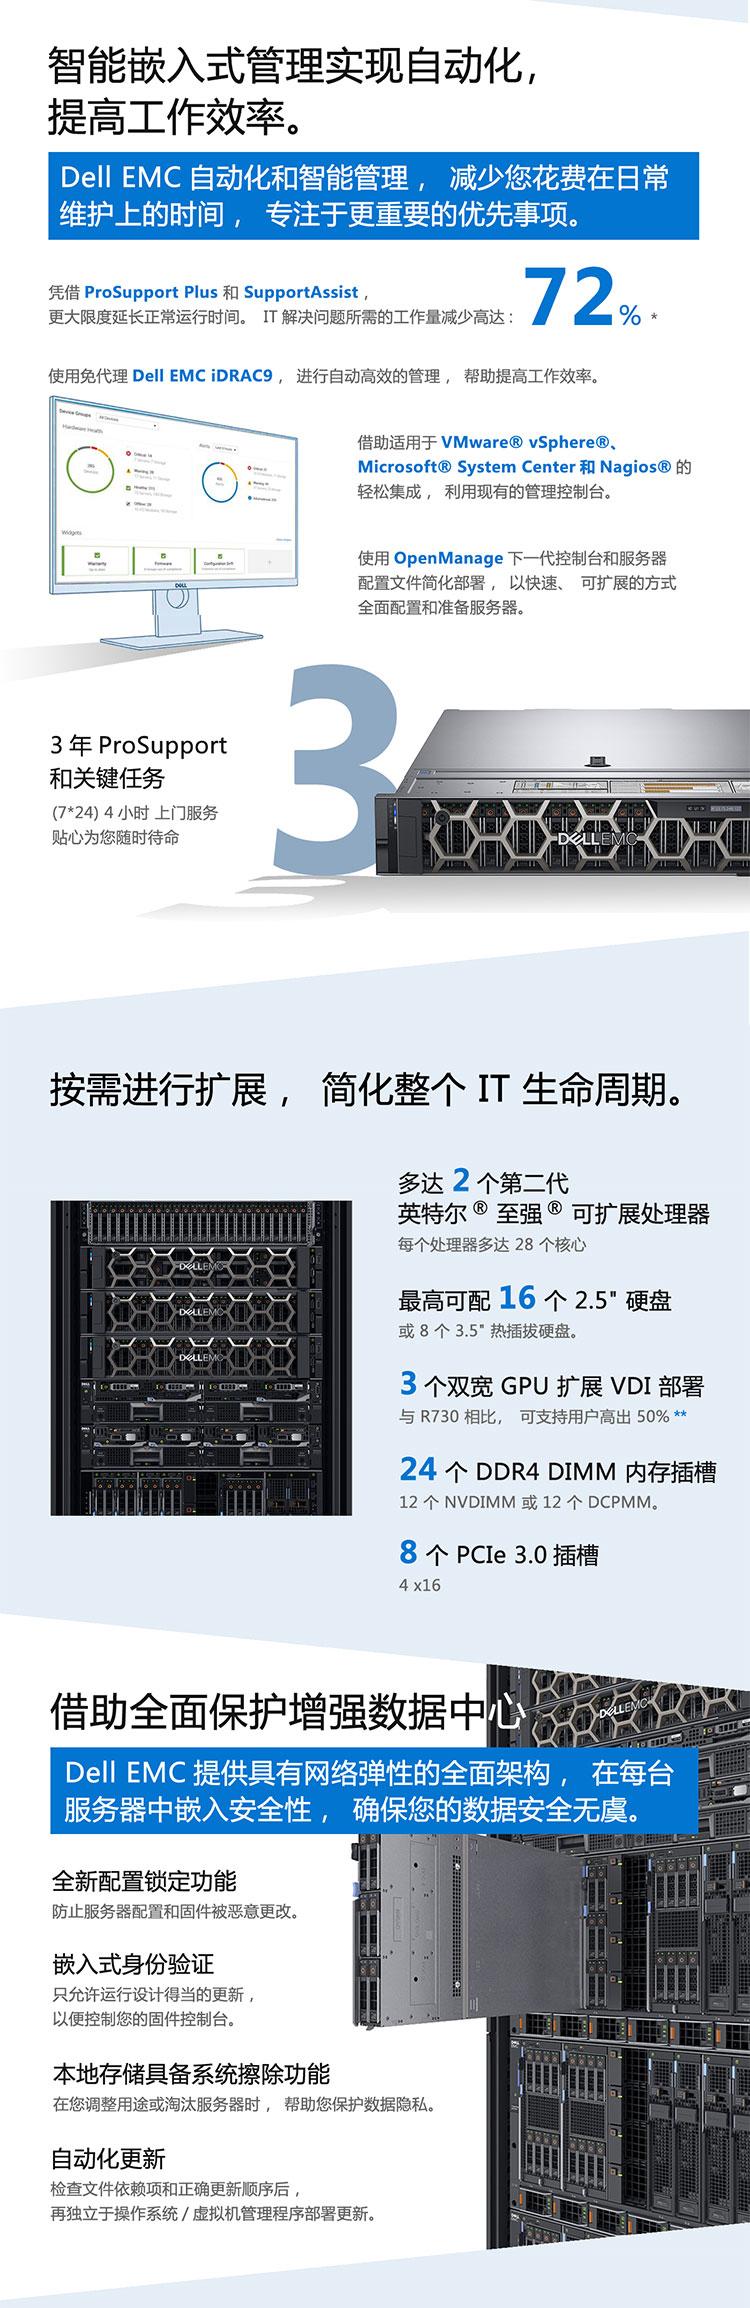 DellR740xd/戴尔R740xd/R740xd服务器/戴尔R740xd服务器/戴尔R740xd服务器/dell服务器R740xd